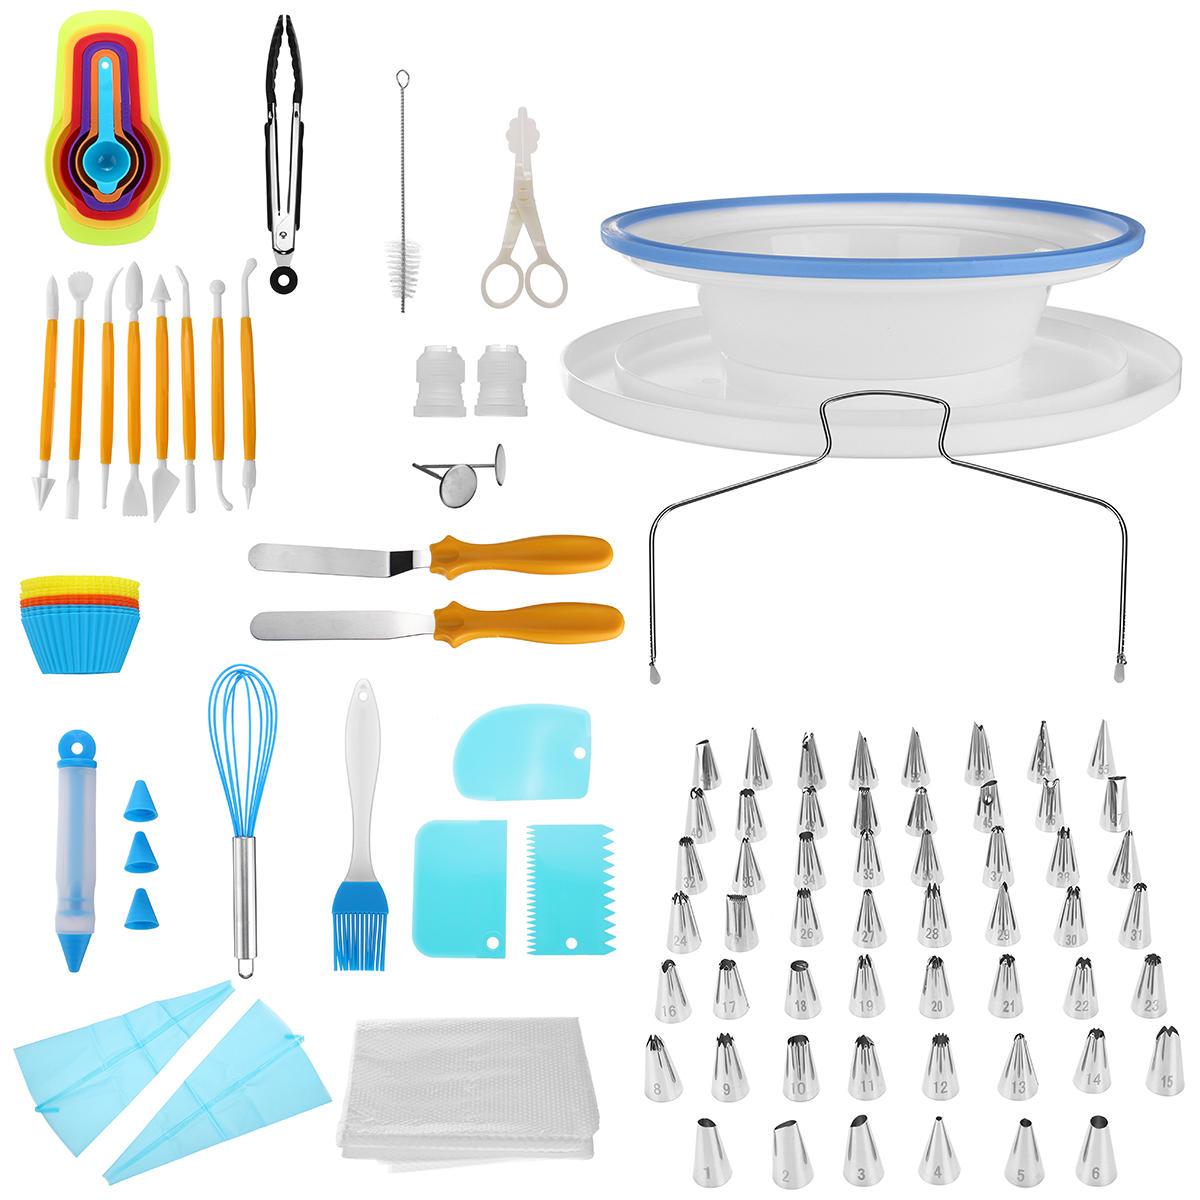 118 PCS Công cụ trang trí bánh Set DIY Mẹo đường ống Bánh xoay Bàn xoay Bánh đứng Pastry Faucet Công cụ làm bánh